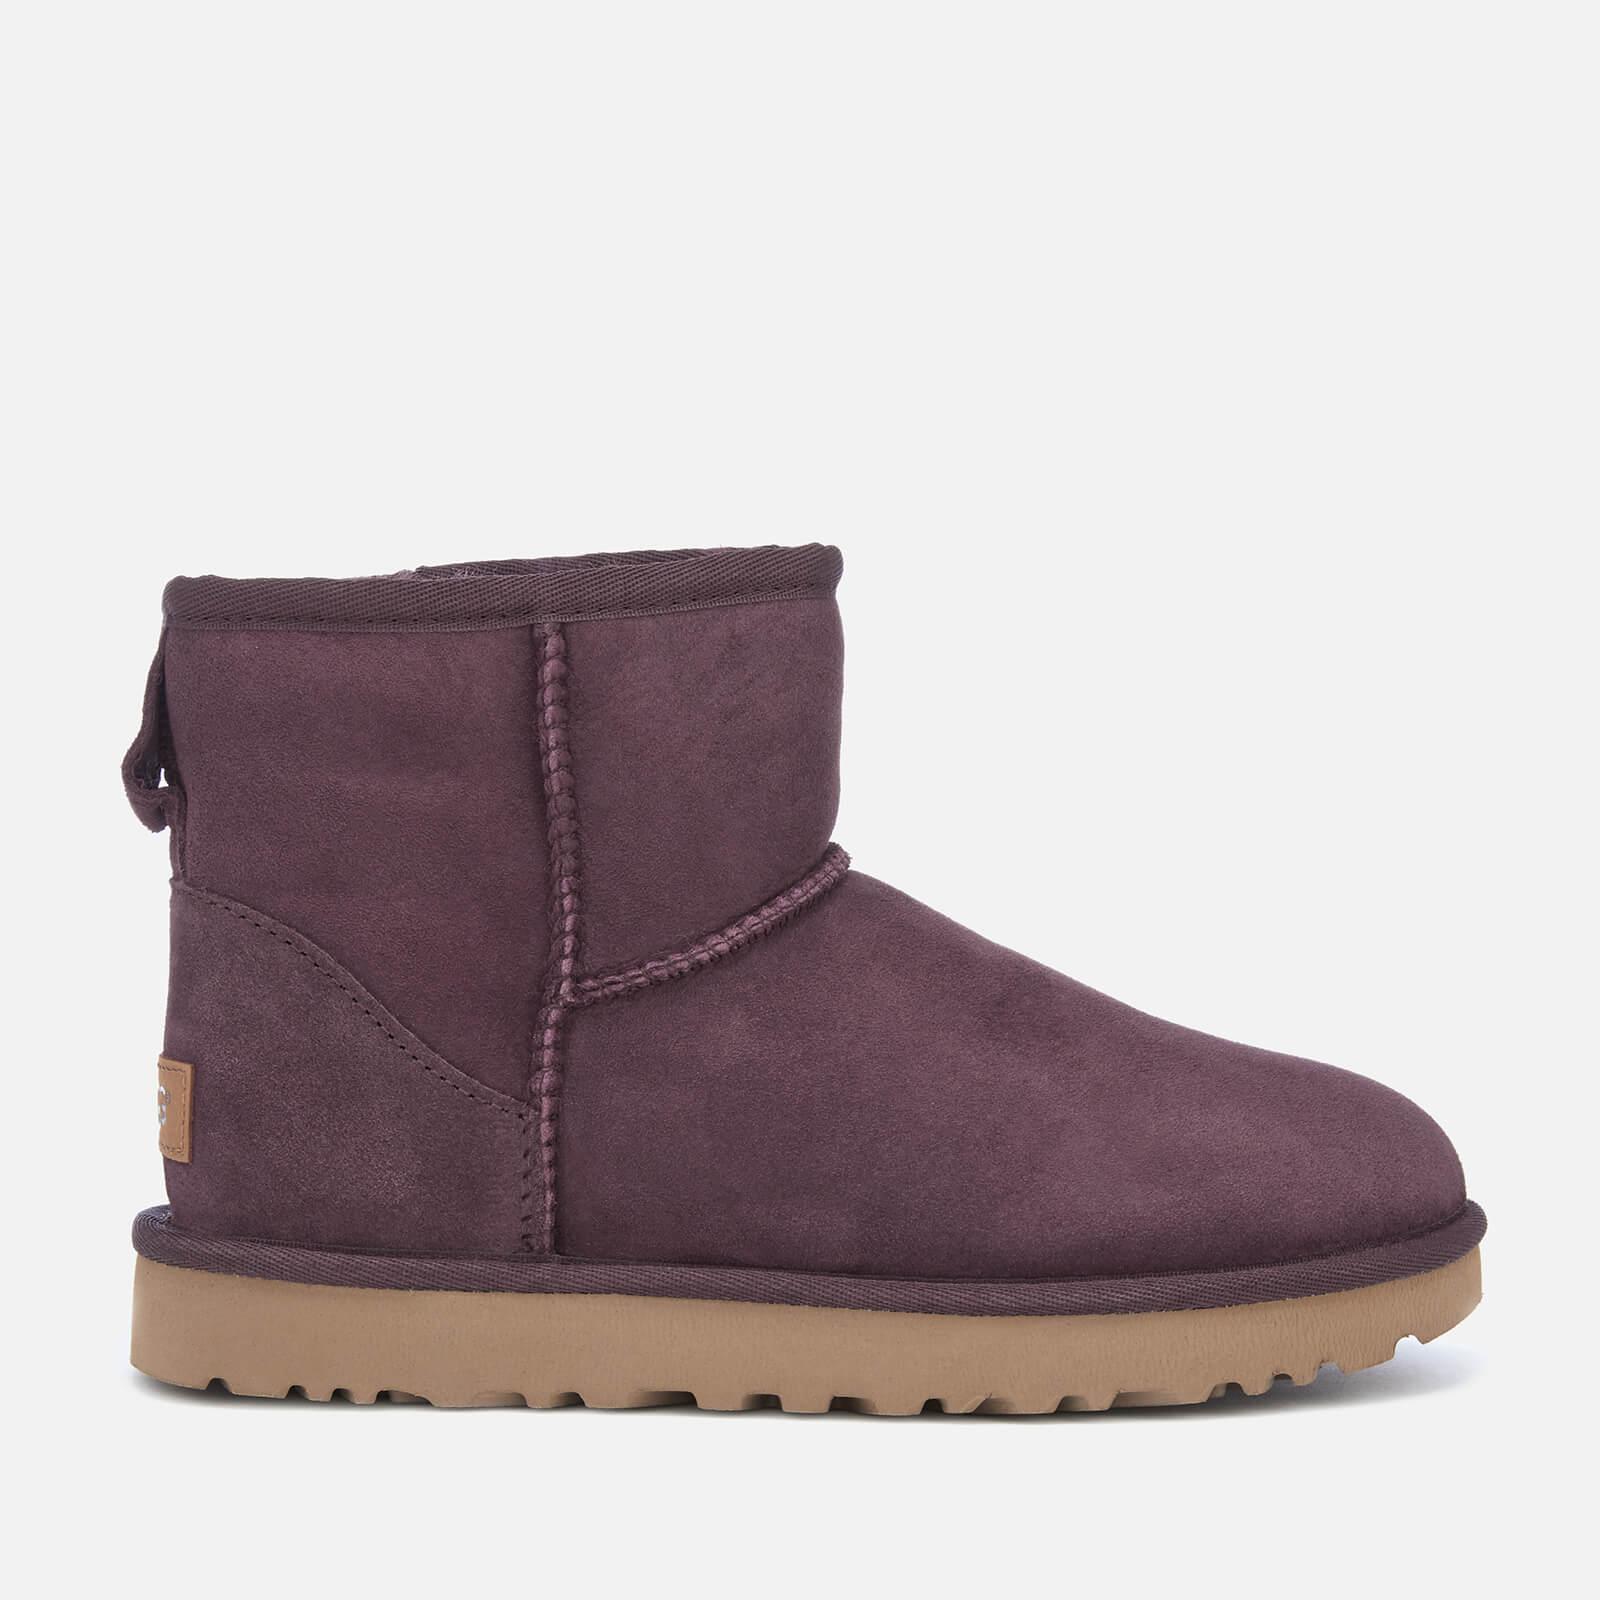 c2f0a5be827 UGG Women's Classic Mini II Sheepskin Boots - Port